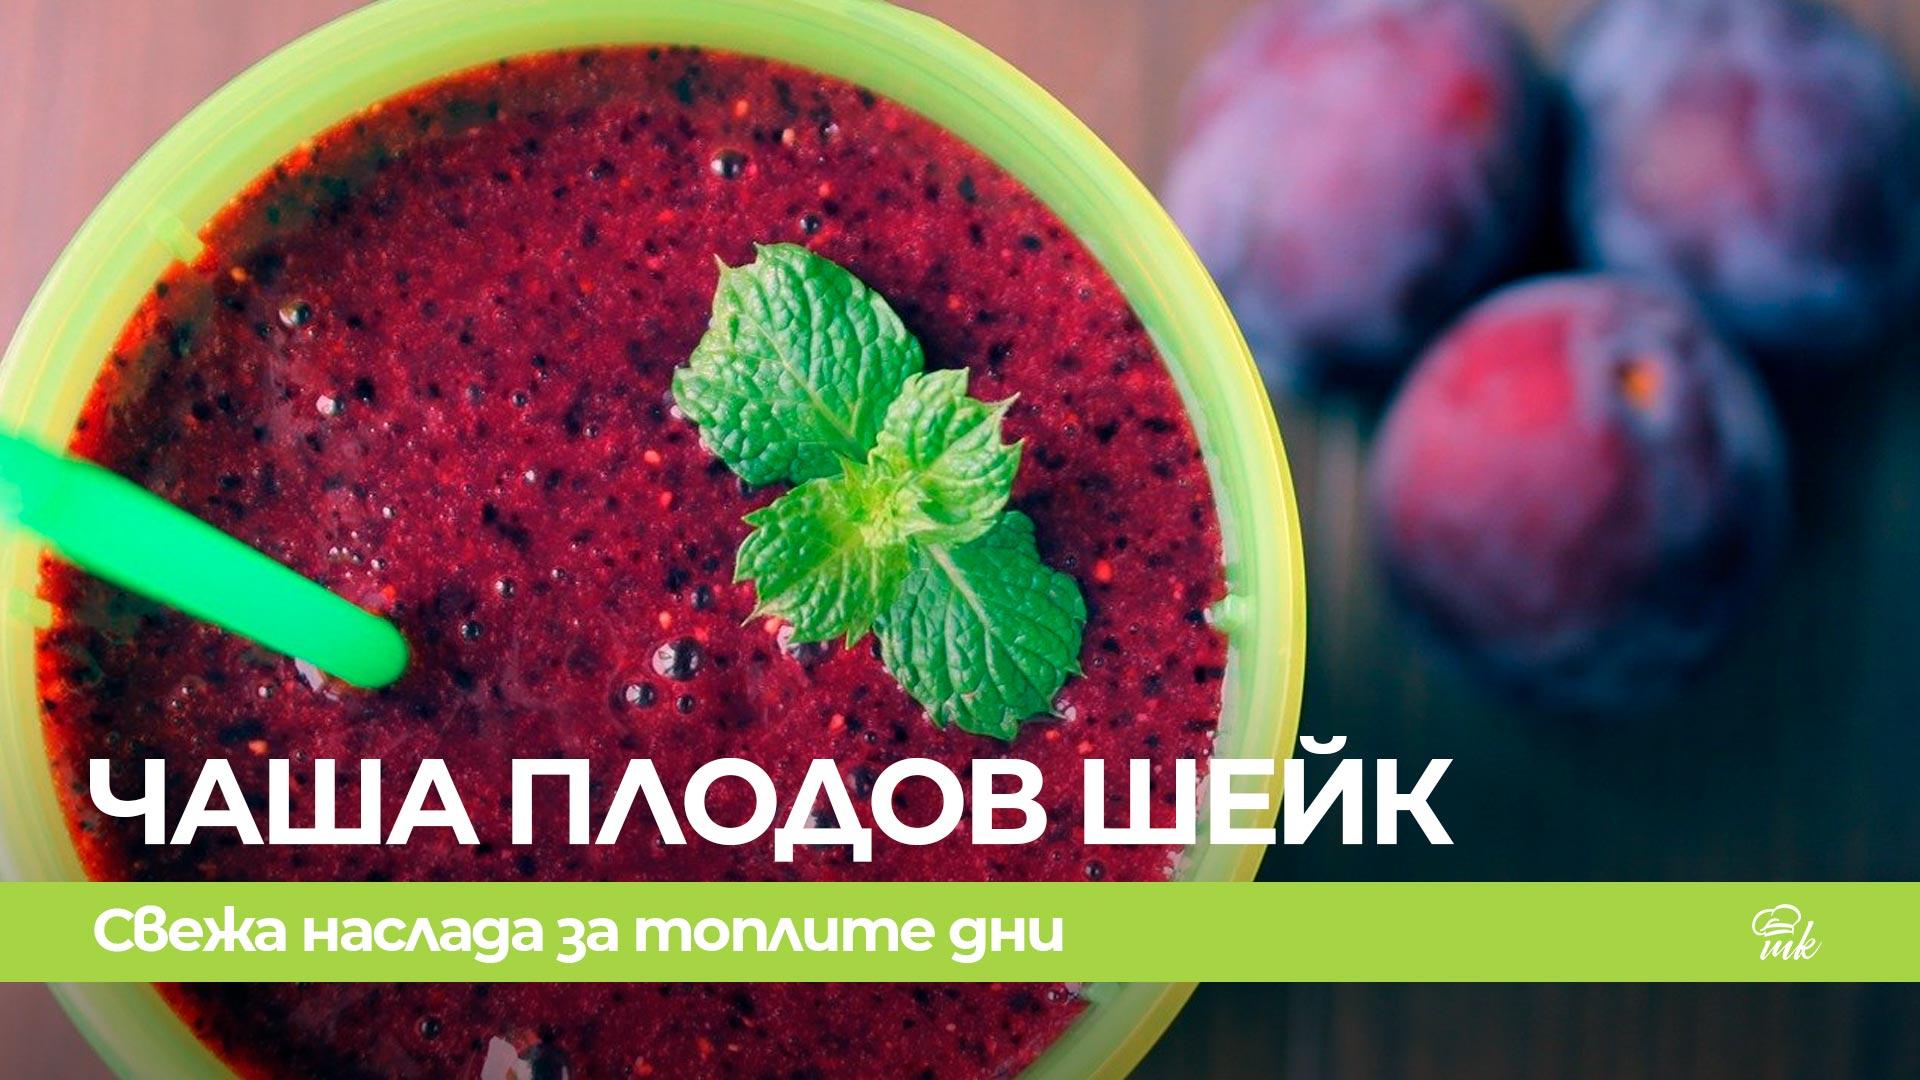 Чаша плодов шейк